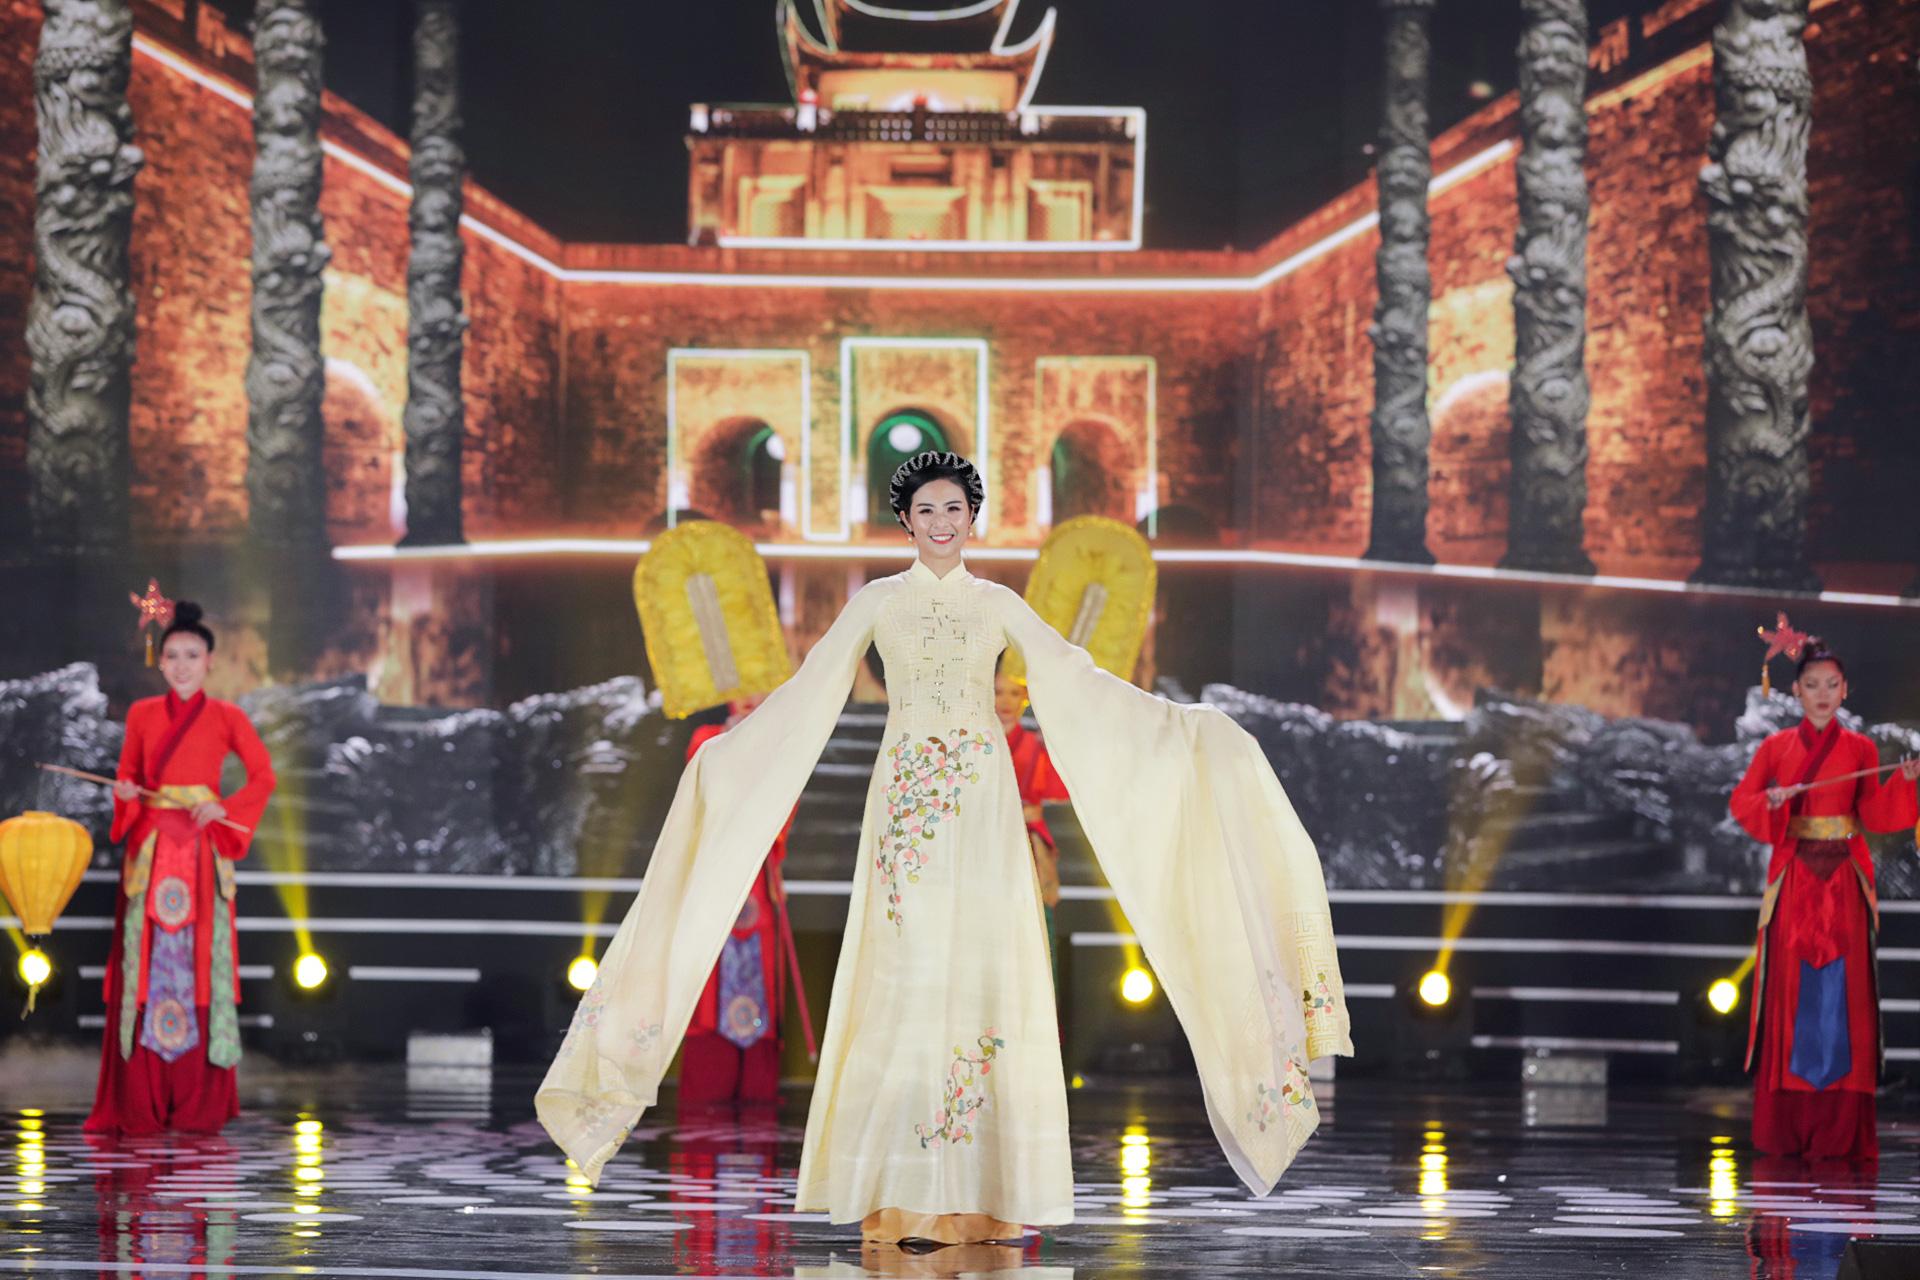 5 Hoa hậu mặc áo dài đọ sắc Chung kết Hoa hậu Việt Nam: Đặng Thu Thảo đẹp tựa nữ thần,  - Ảnh 5.